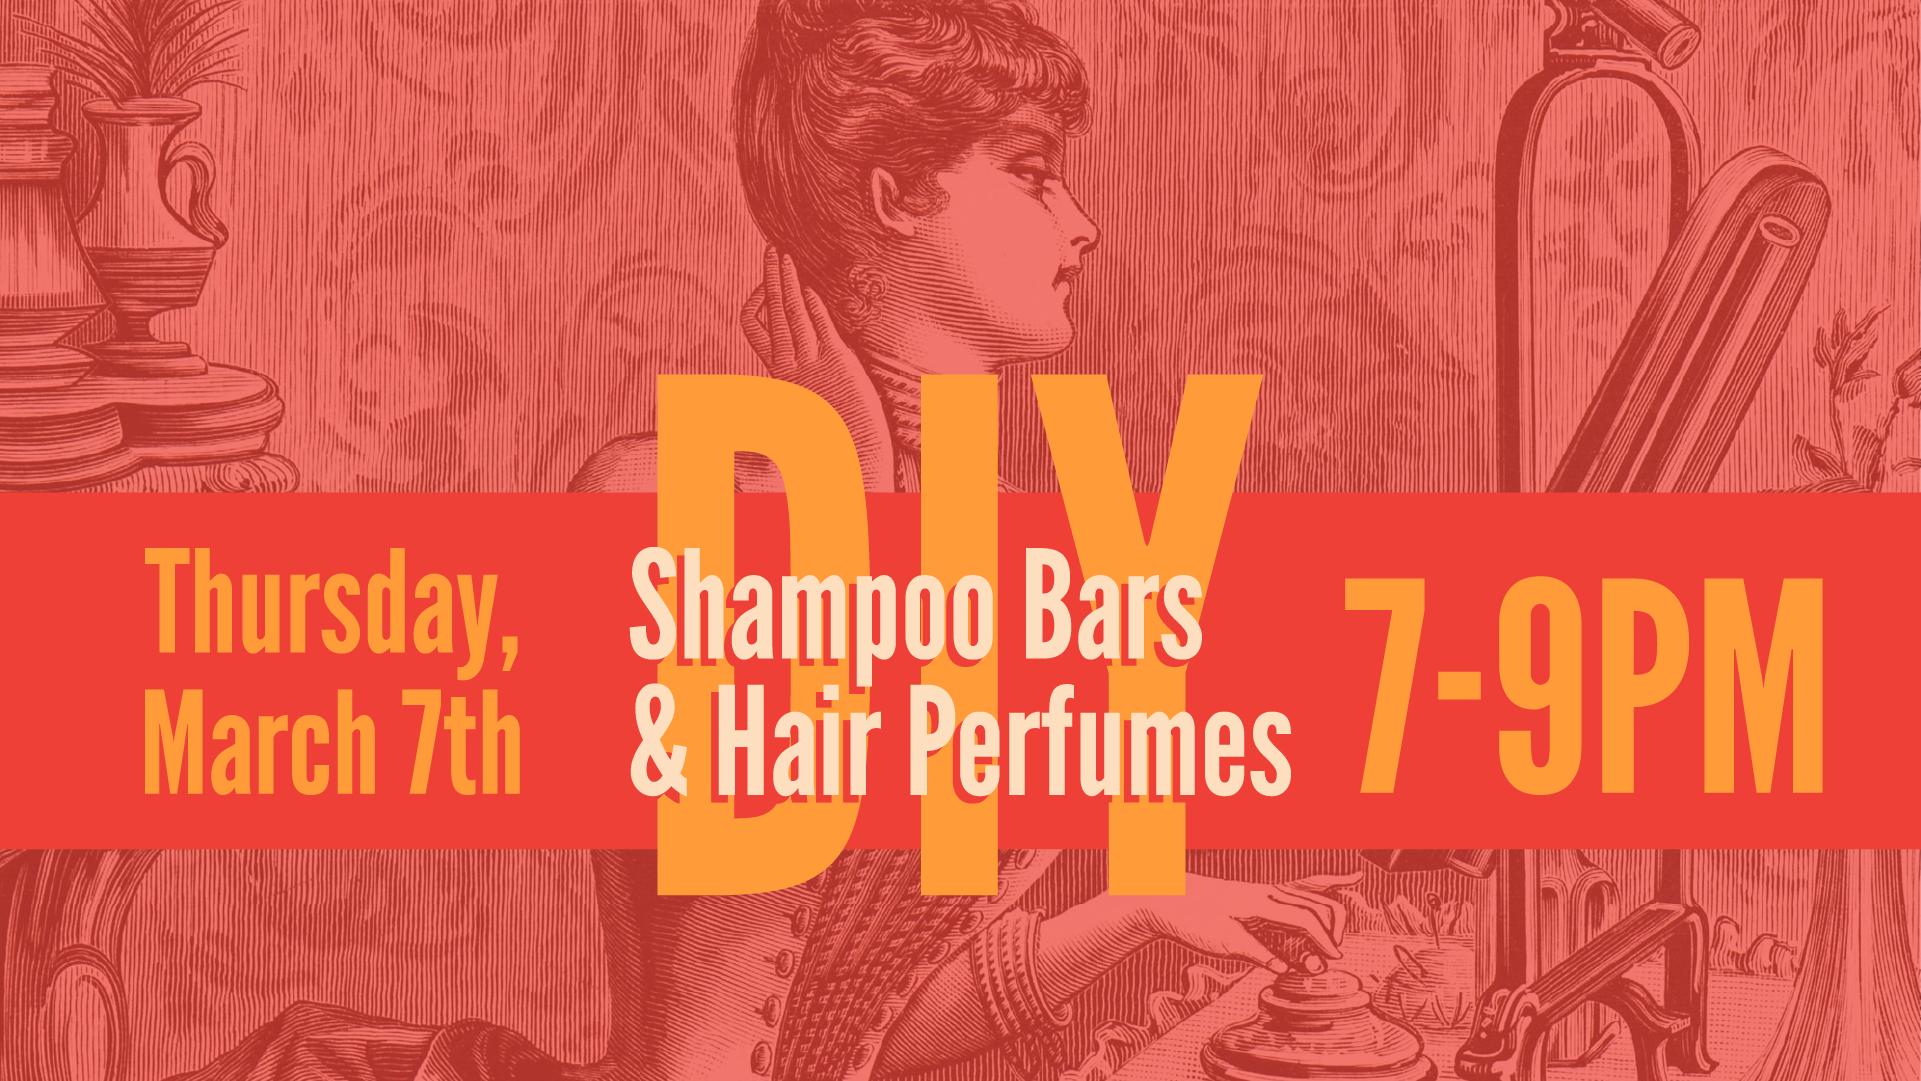 03 DIY Shampoo Bars and Hair Perfumes WEB-01.png